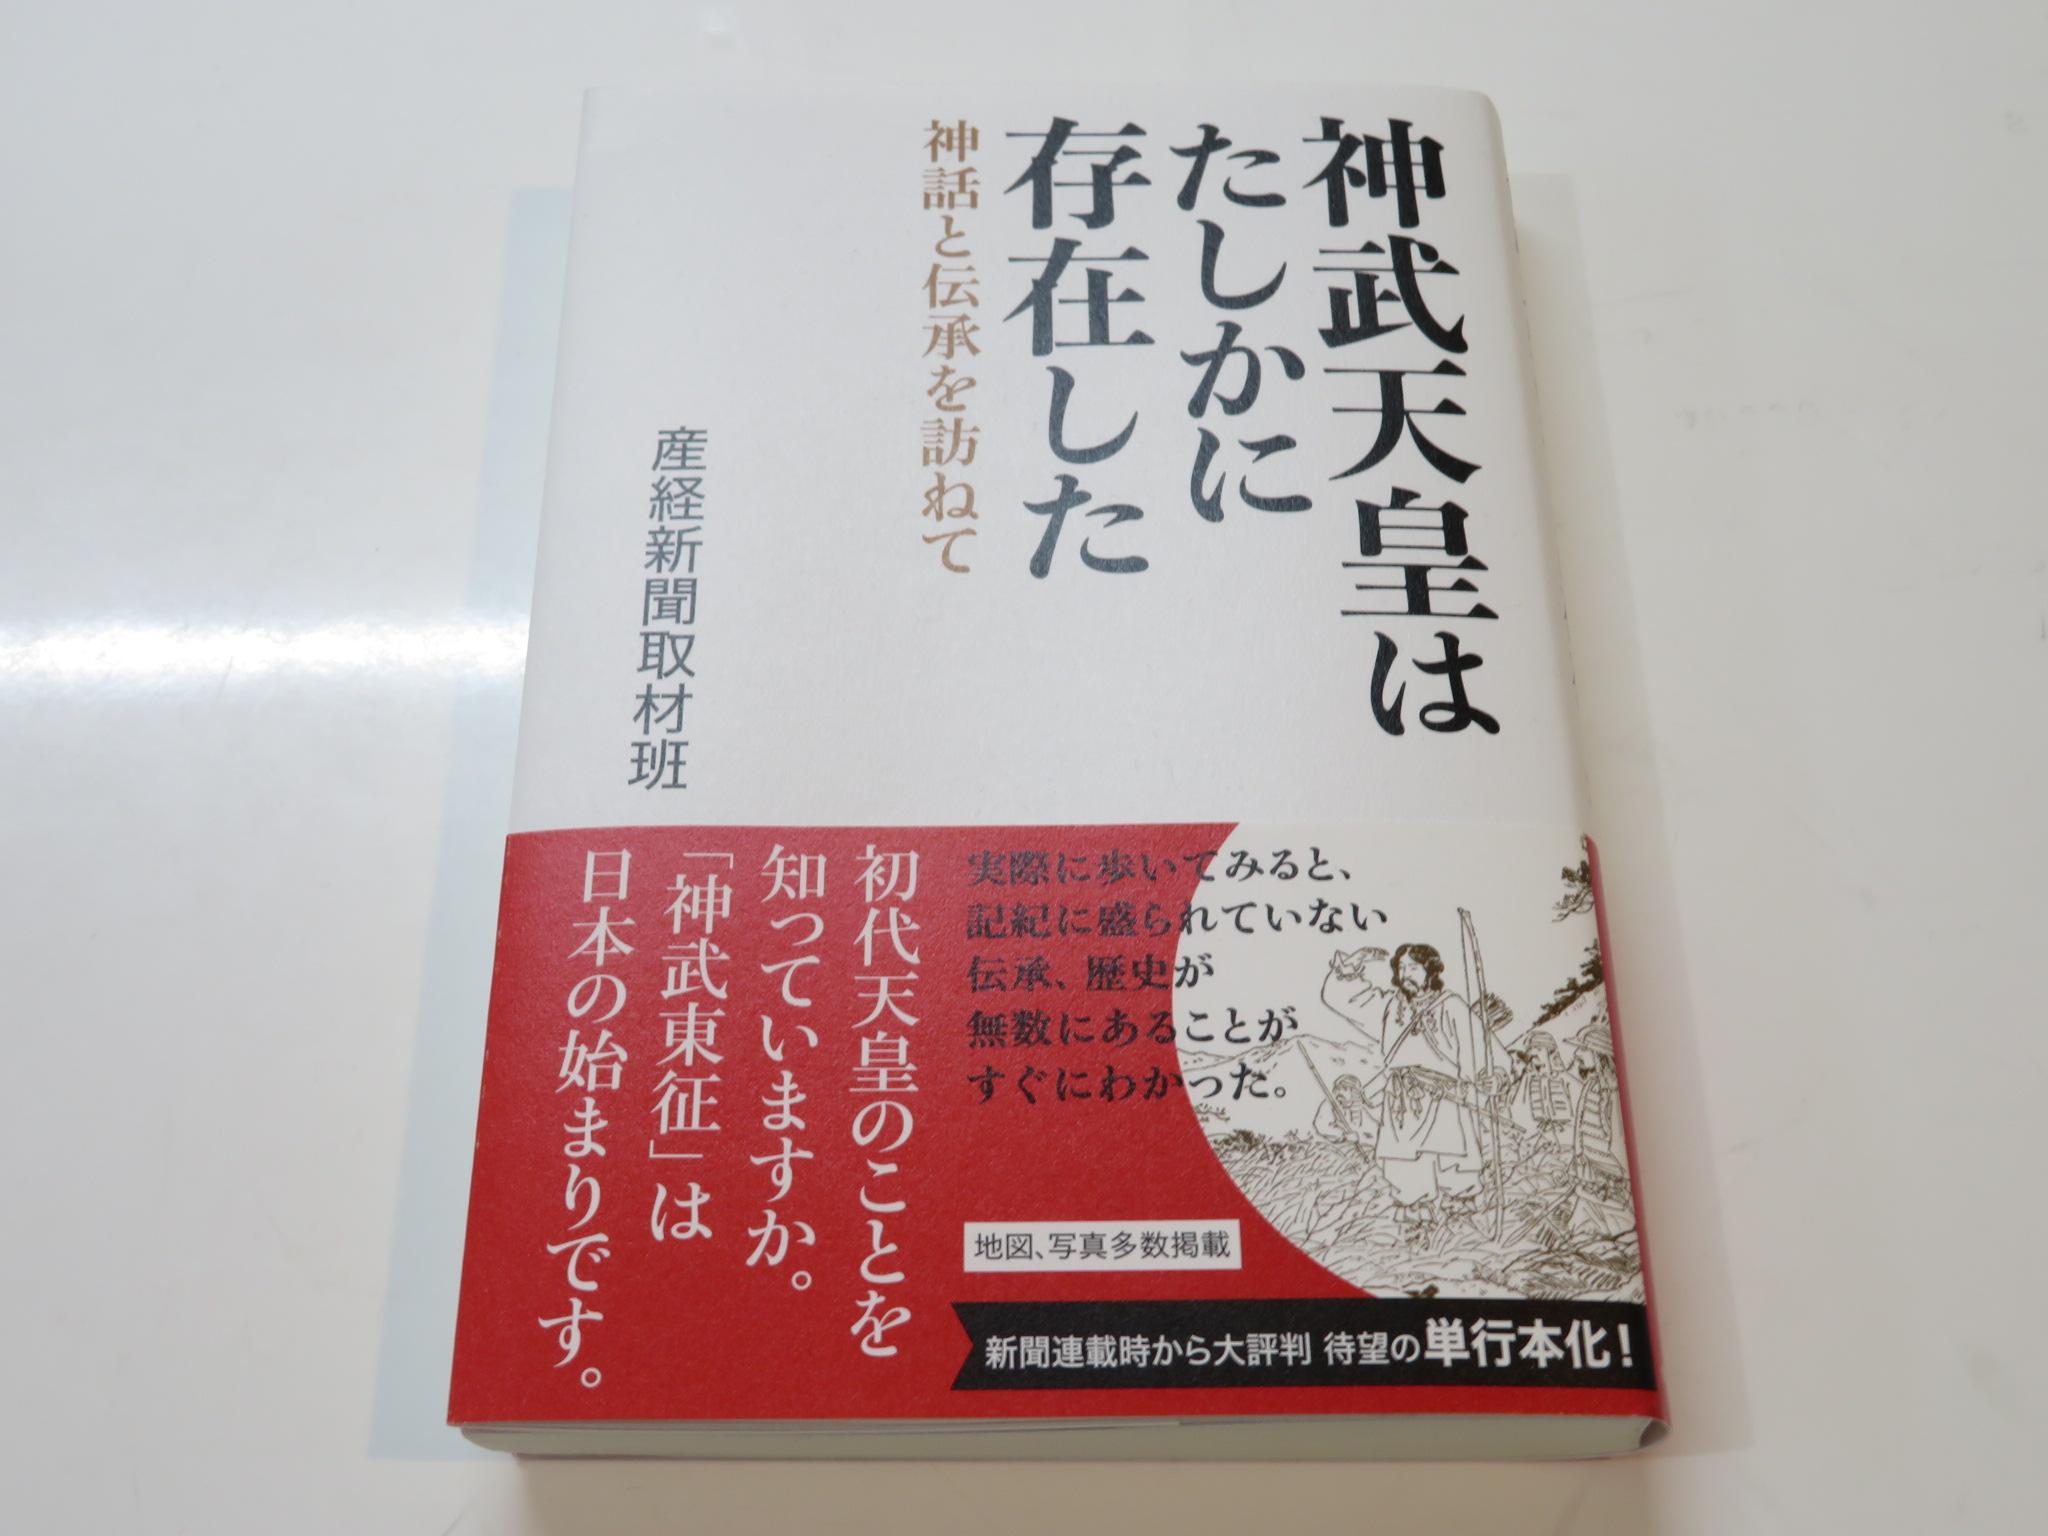 https://www.elashy-mise.jp/IMG_2814.JPG